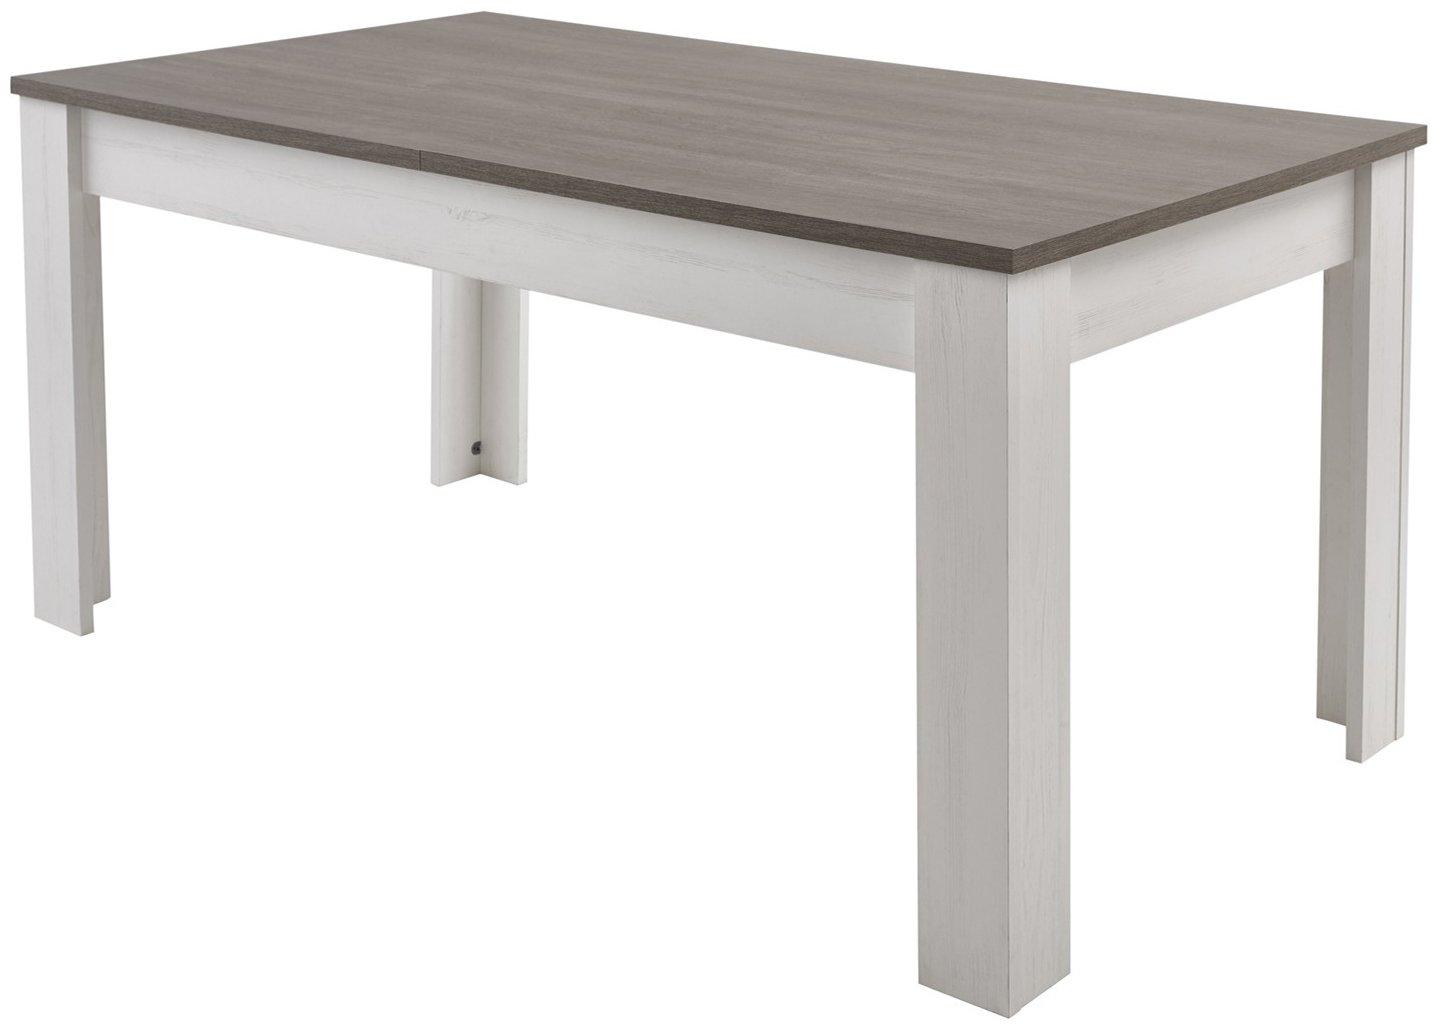 Τραπέζι Markes